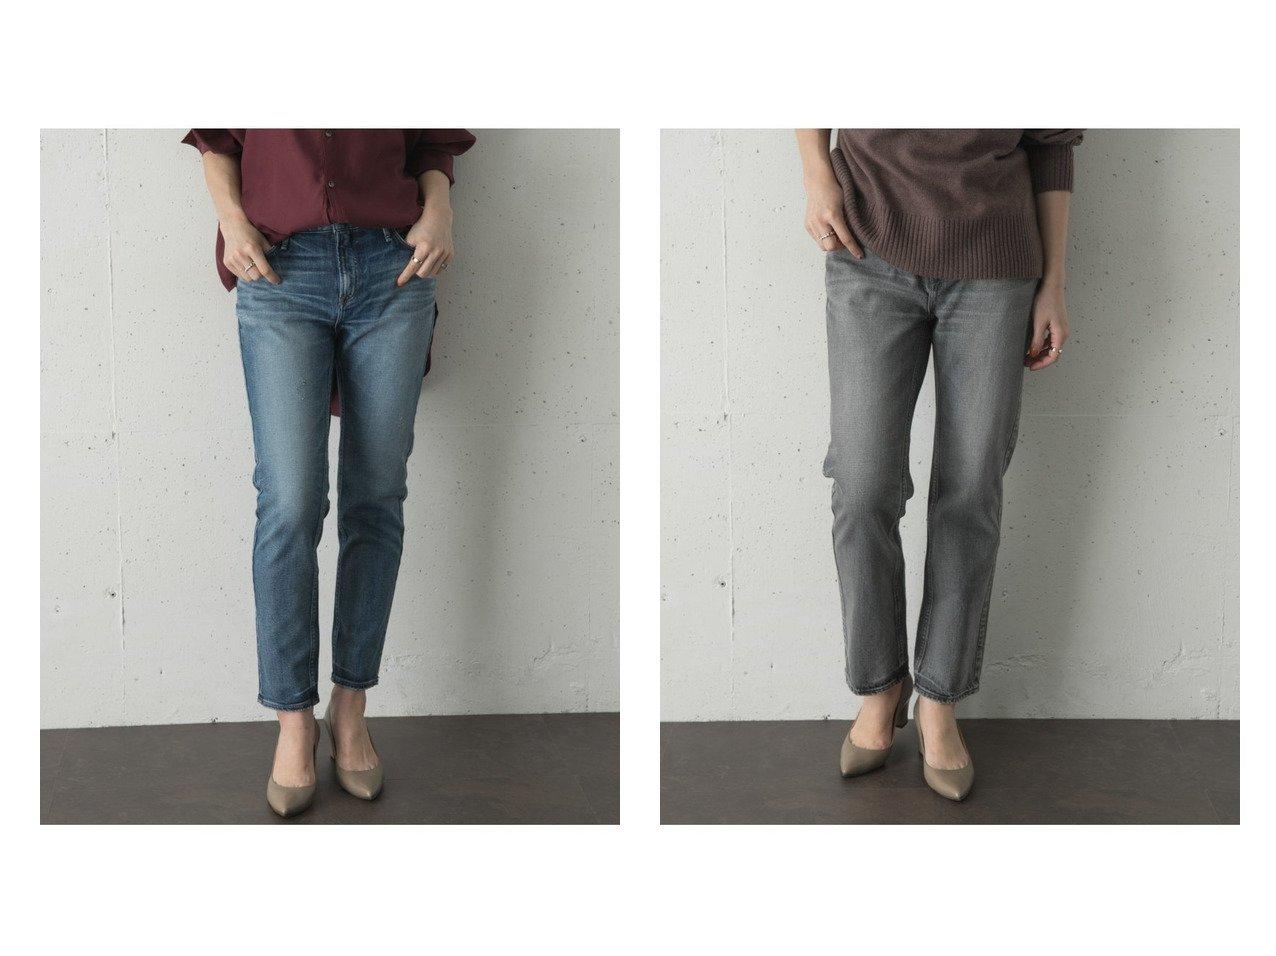 【URBAN RESEARCH ROSSO/アーバンリサーチ ロッソ】のupper hights THE STELLA&upper hights THE LIPSTICK パンツのおすすめ!人気、トレンド・レディースファッションの通販 おすすめで人気の流行・トレンド、ファッションの通販商品 メンズファッション・キッズファッション・インテリア・家具・レディースファッション・服の通販 founy(ファニー) https://founy.com/ ファッション Fashion レディースファッション WOMEN パンツ Pants NEW・新作・新着・新入荷 New Arrivals シンプル ジーンズ ベーシック ポケット 春 |ID:crp329100000009511